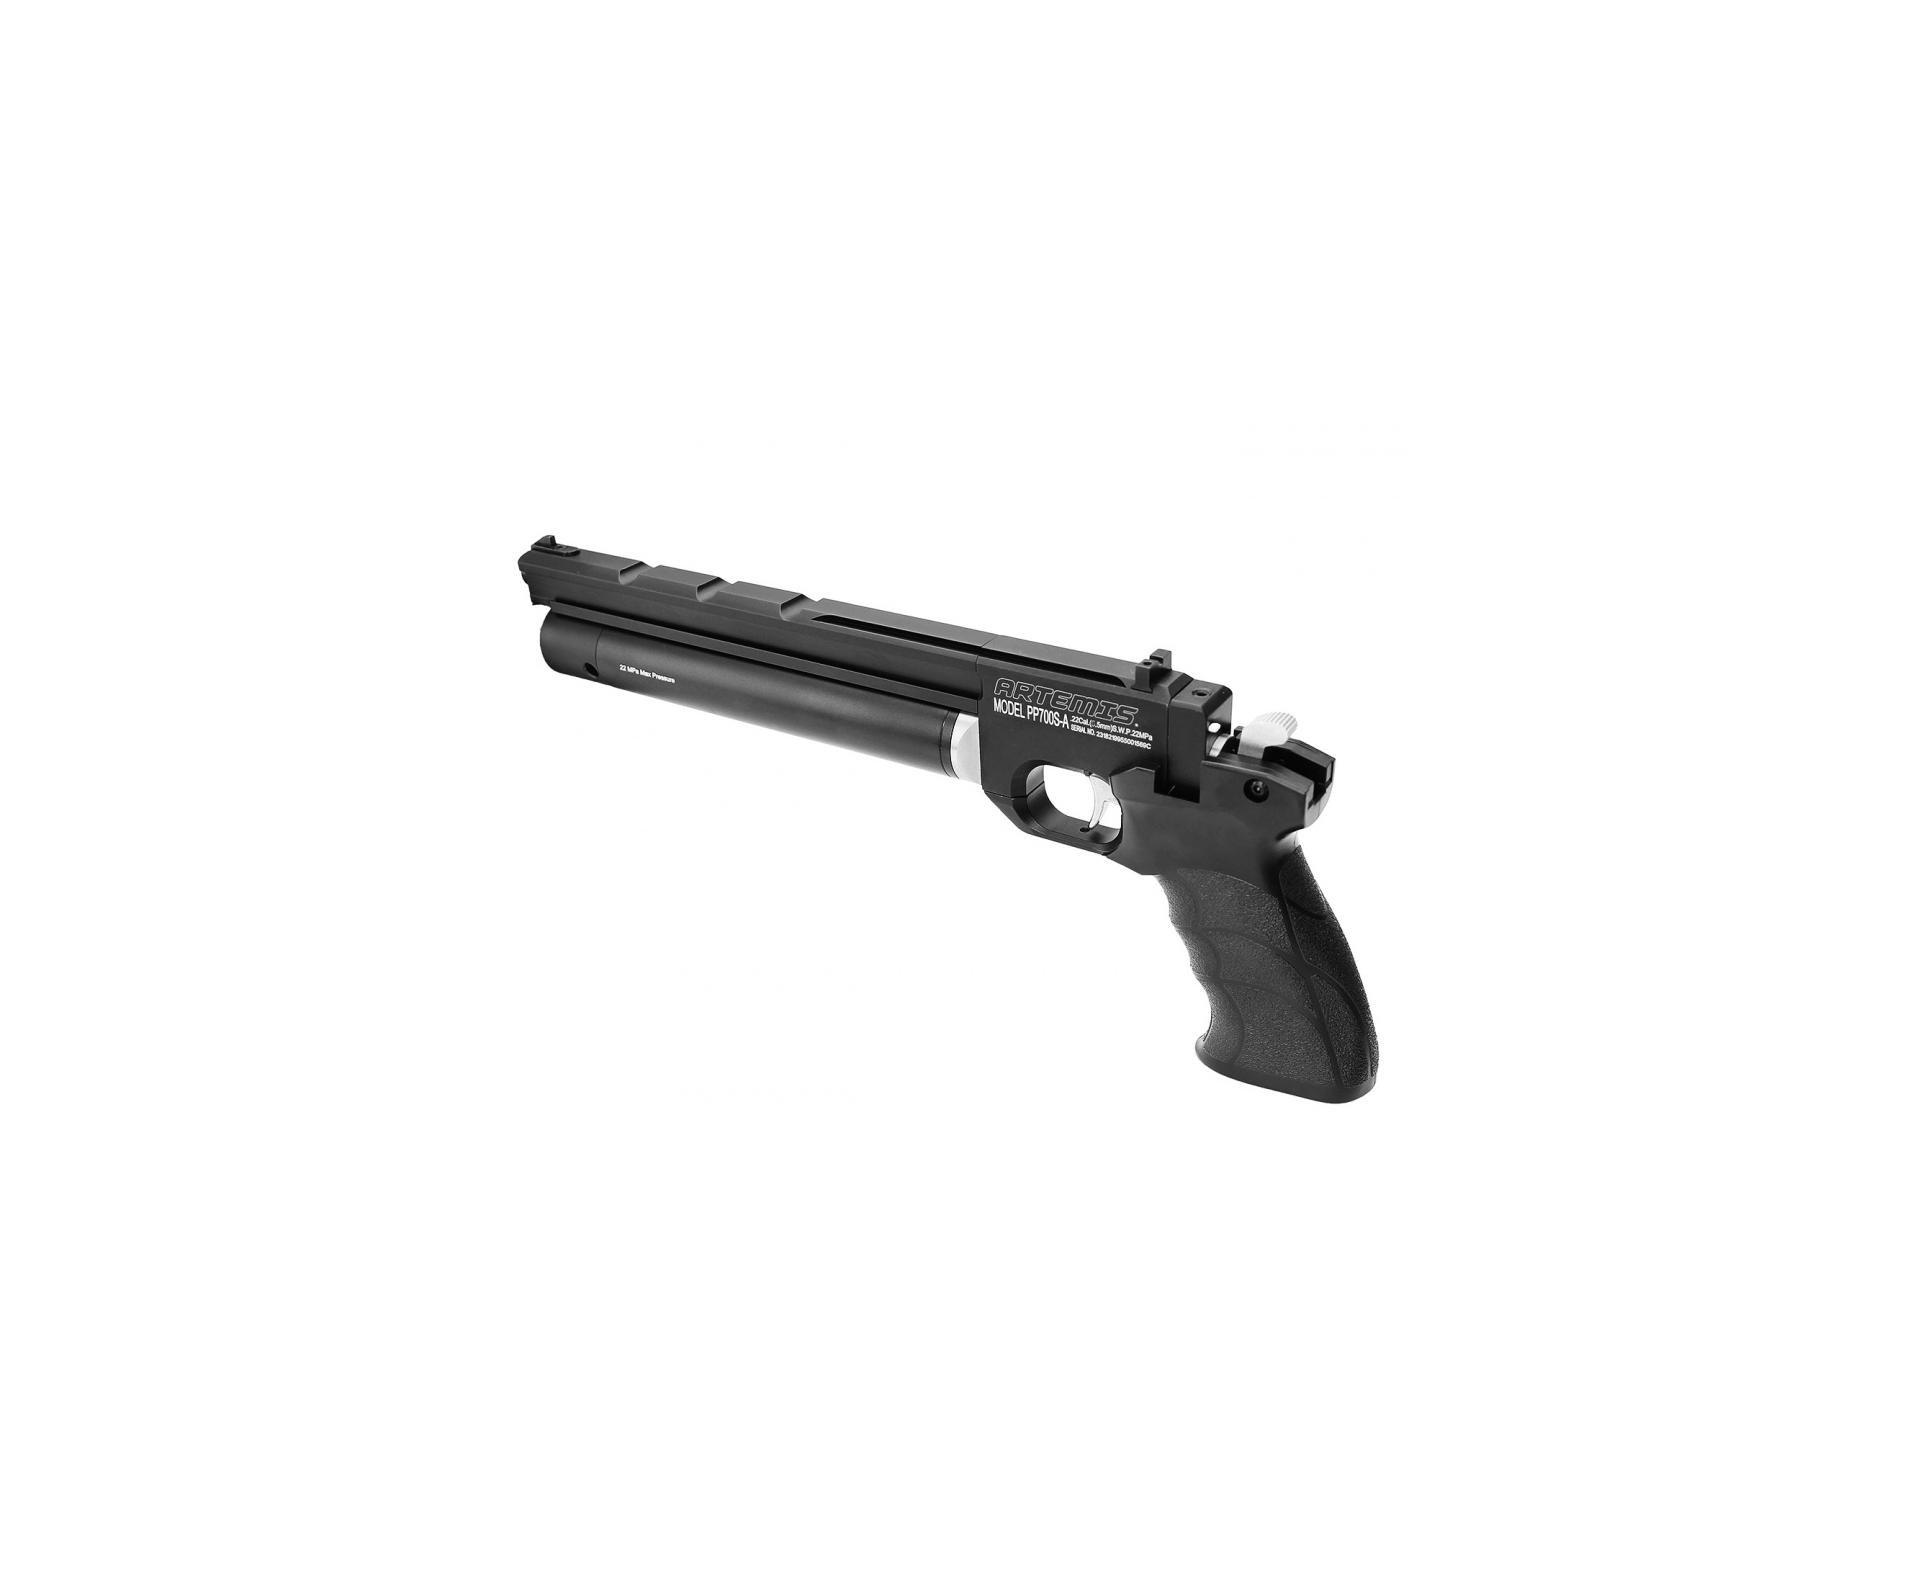 Pistola De Pressão Pcp Pp700s-a Olimpic 4.5mm Artemis